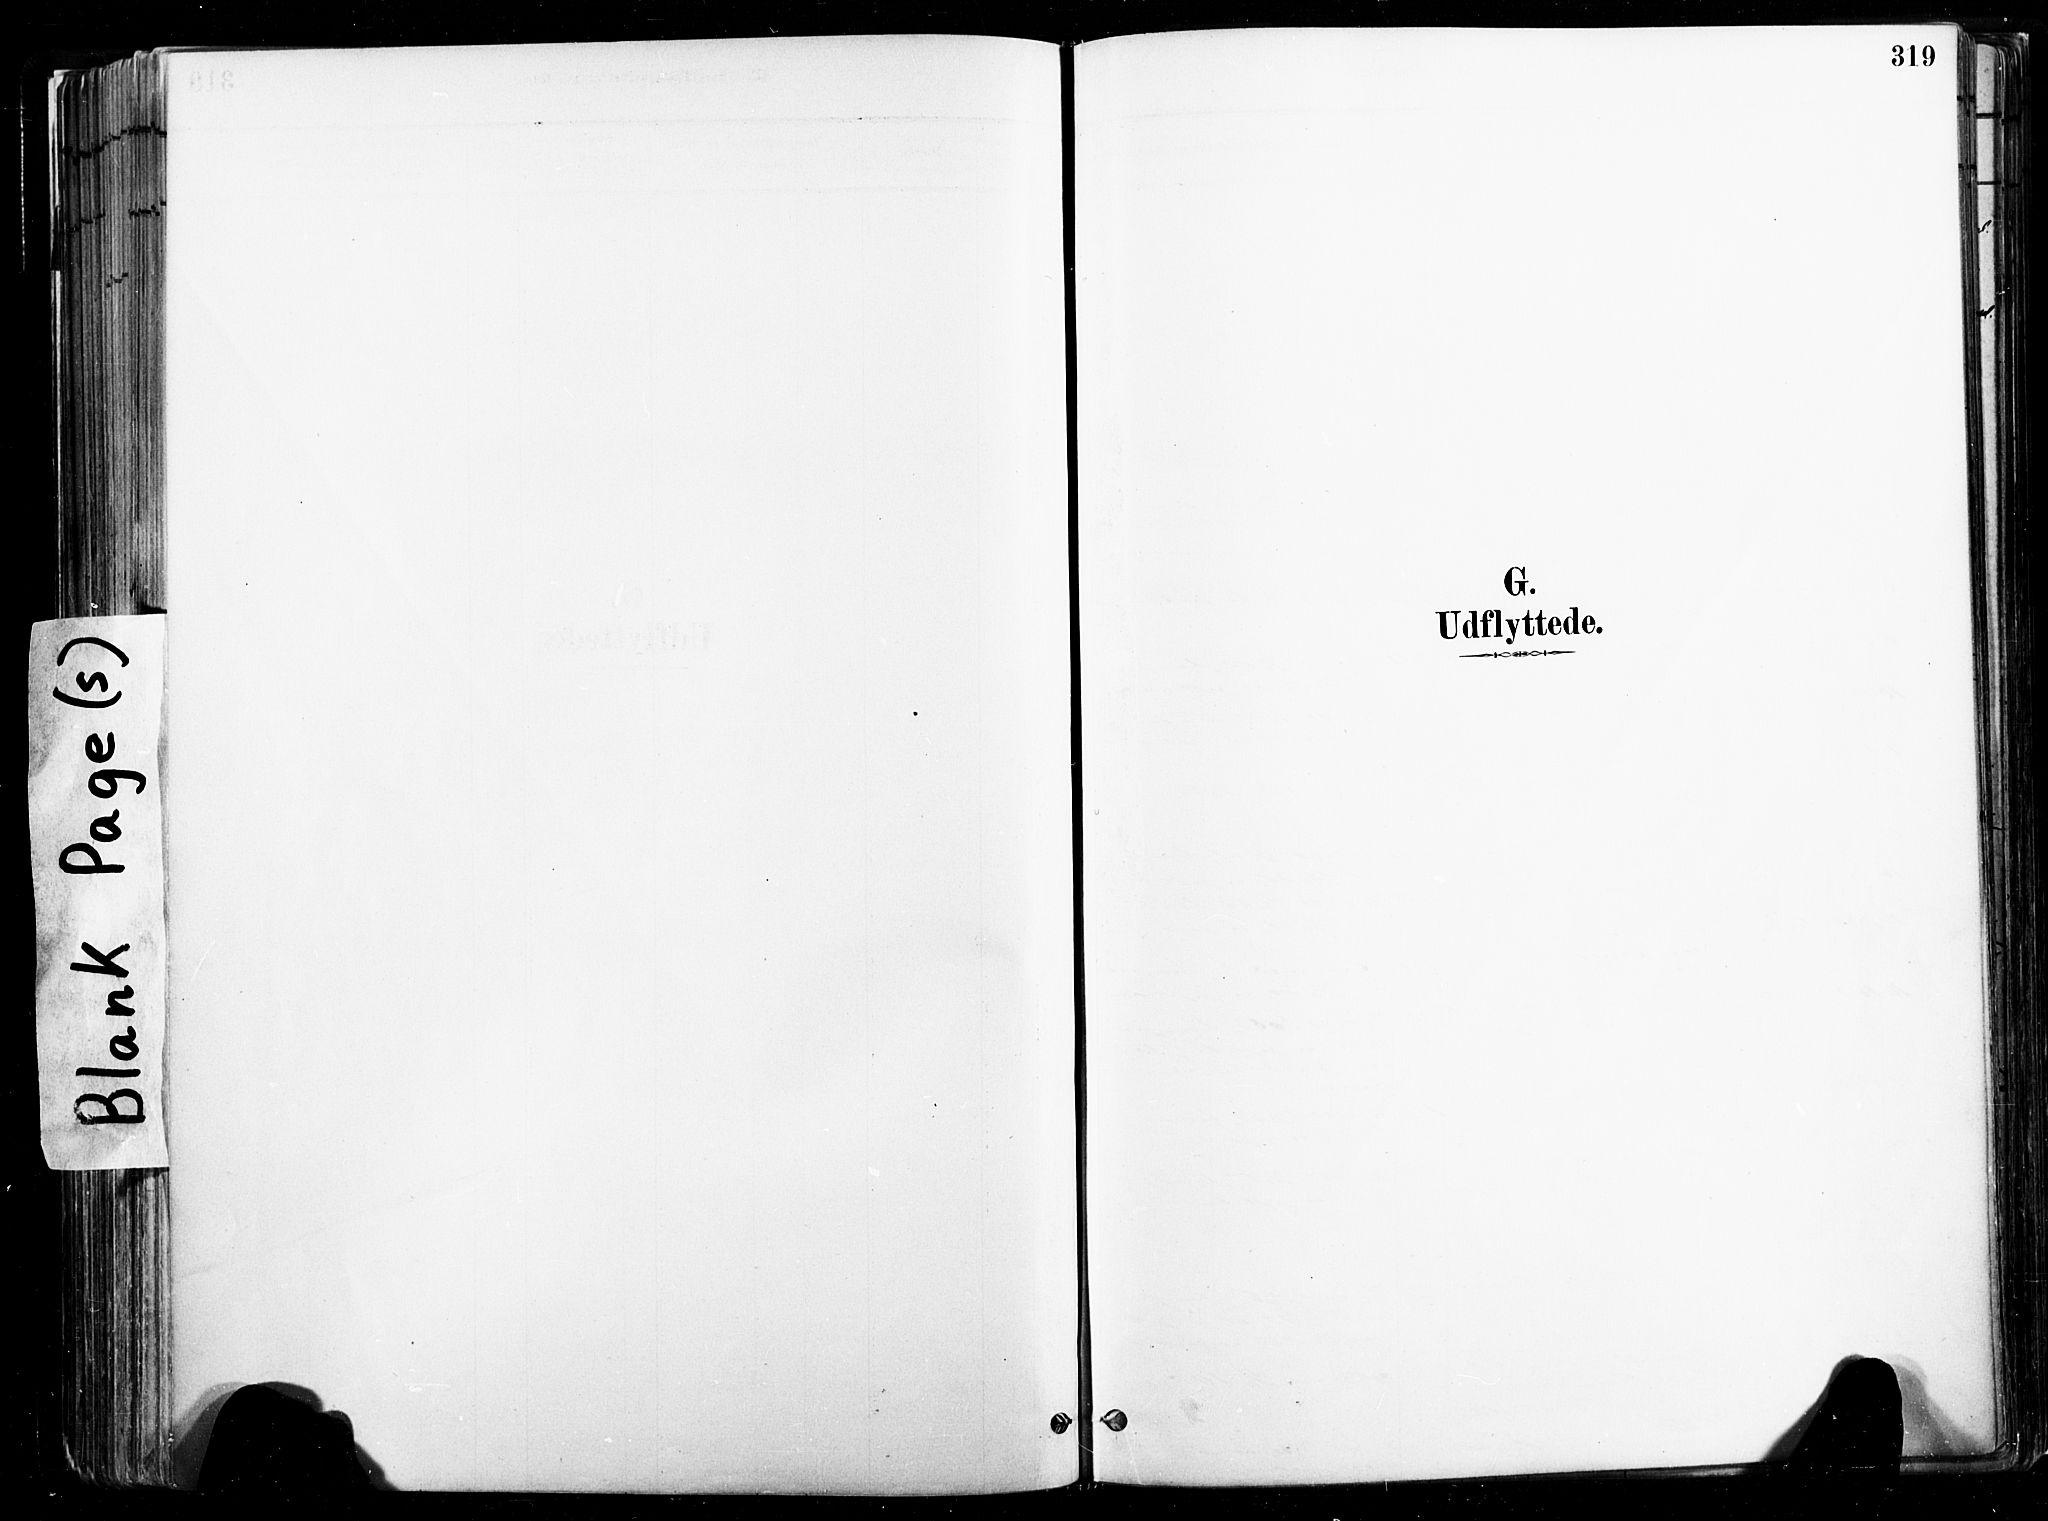 SAT, Ministerialprotokoller, klokkerbøker og fødselsregistre - Nord-Trøndelag, 735/L0351: Ministerialbok nr. 735A10, 1884-1908, s. 319